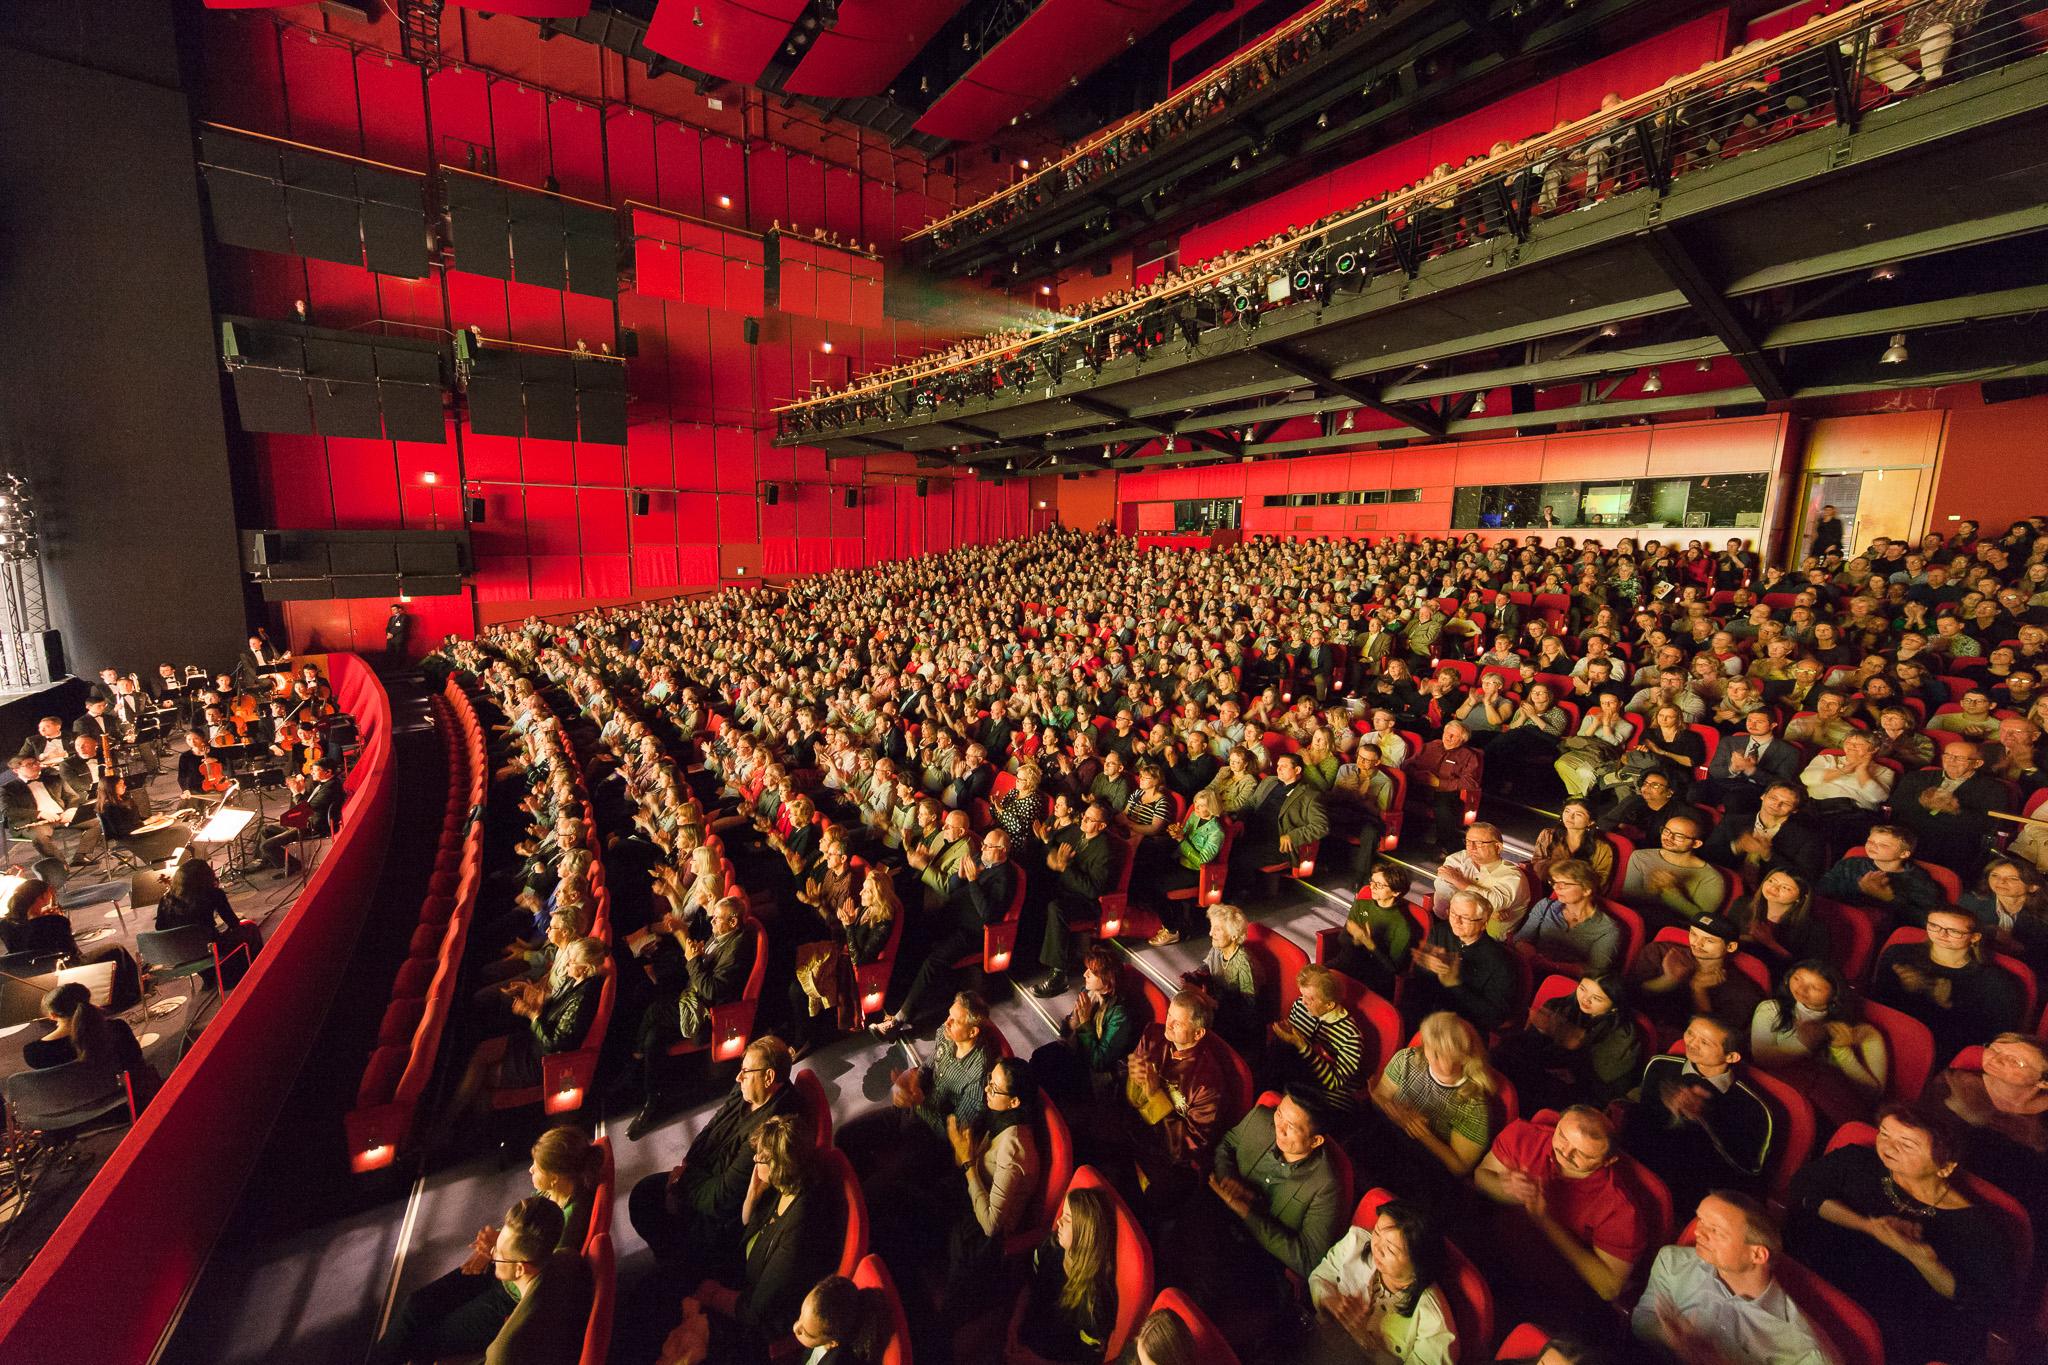 2019年3月23日晚在德國首都柏林波茨坦廣場劇院,美國神韻紐約藝術團上映了在柏林的最後一場演出,同時也是在今年德國的最後一場演出。(吉森/大紀元)